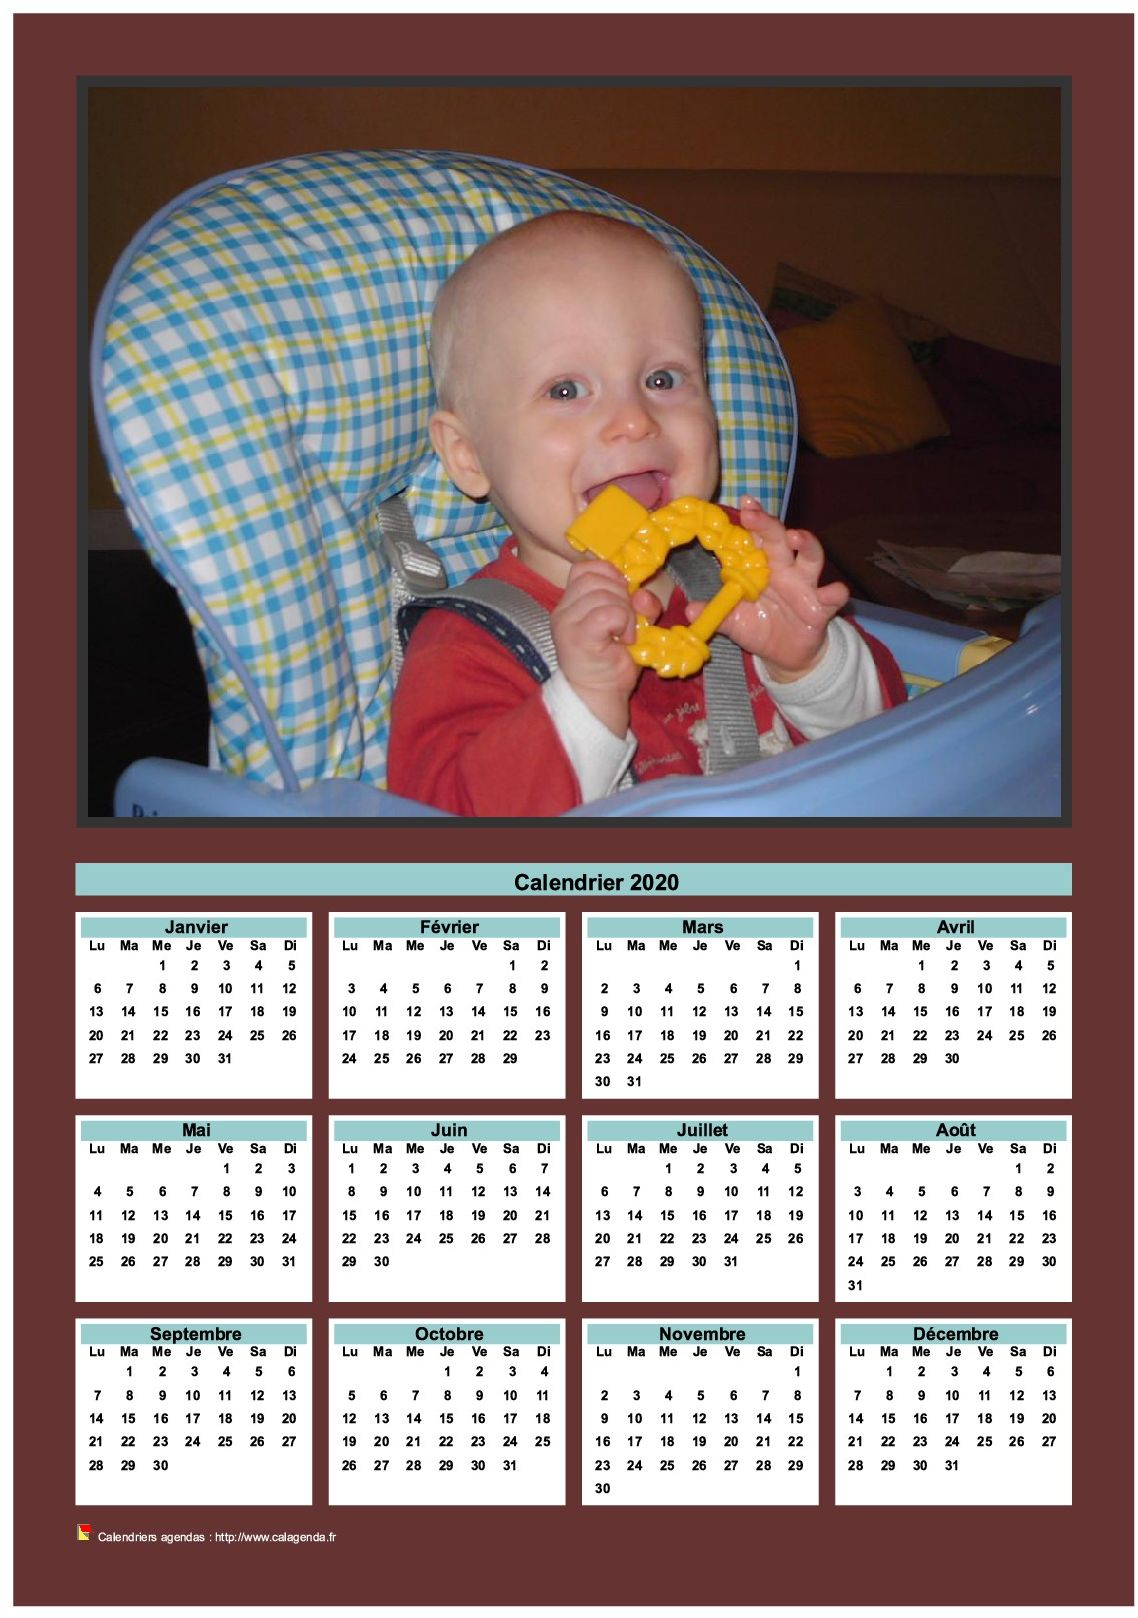 Calendrier 2020 annuel à imprimer avec photo de famille